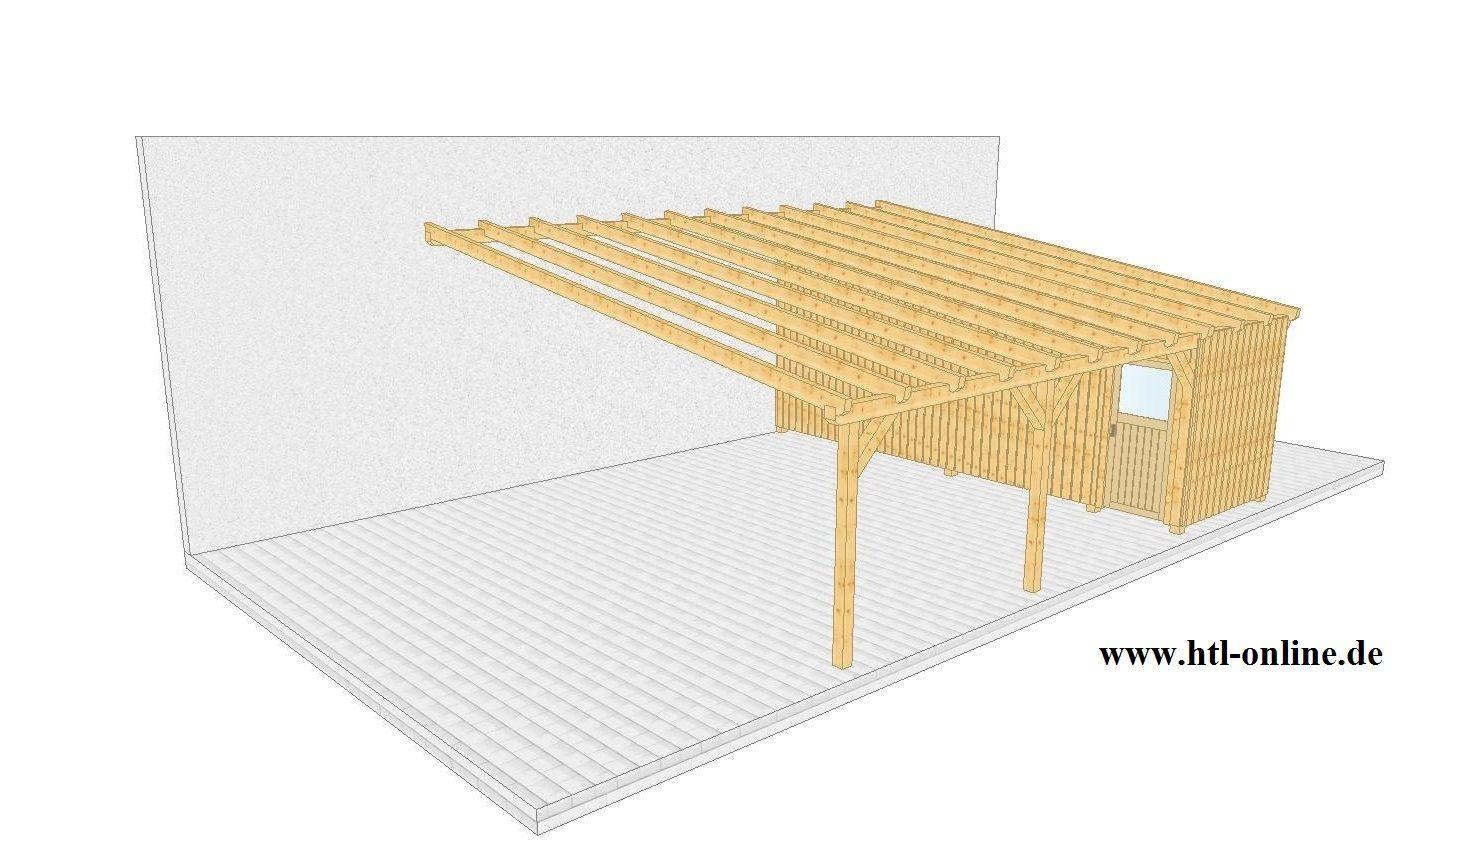 Carport Aus Holz Htl Holztechnik Holz Arbeit Mit Holz Carport Aus Holz Carport Holz Holz Uberdachungen